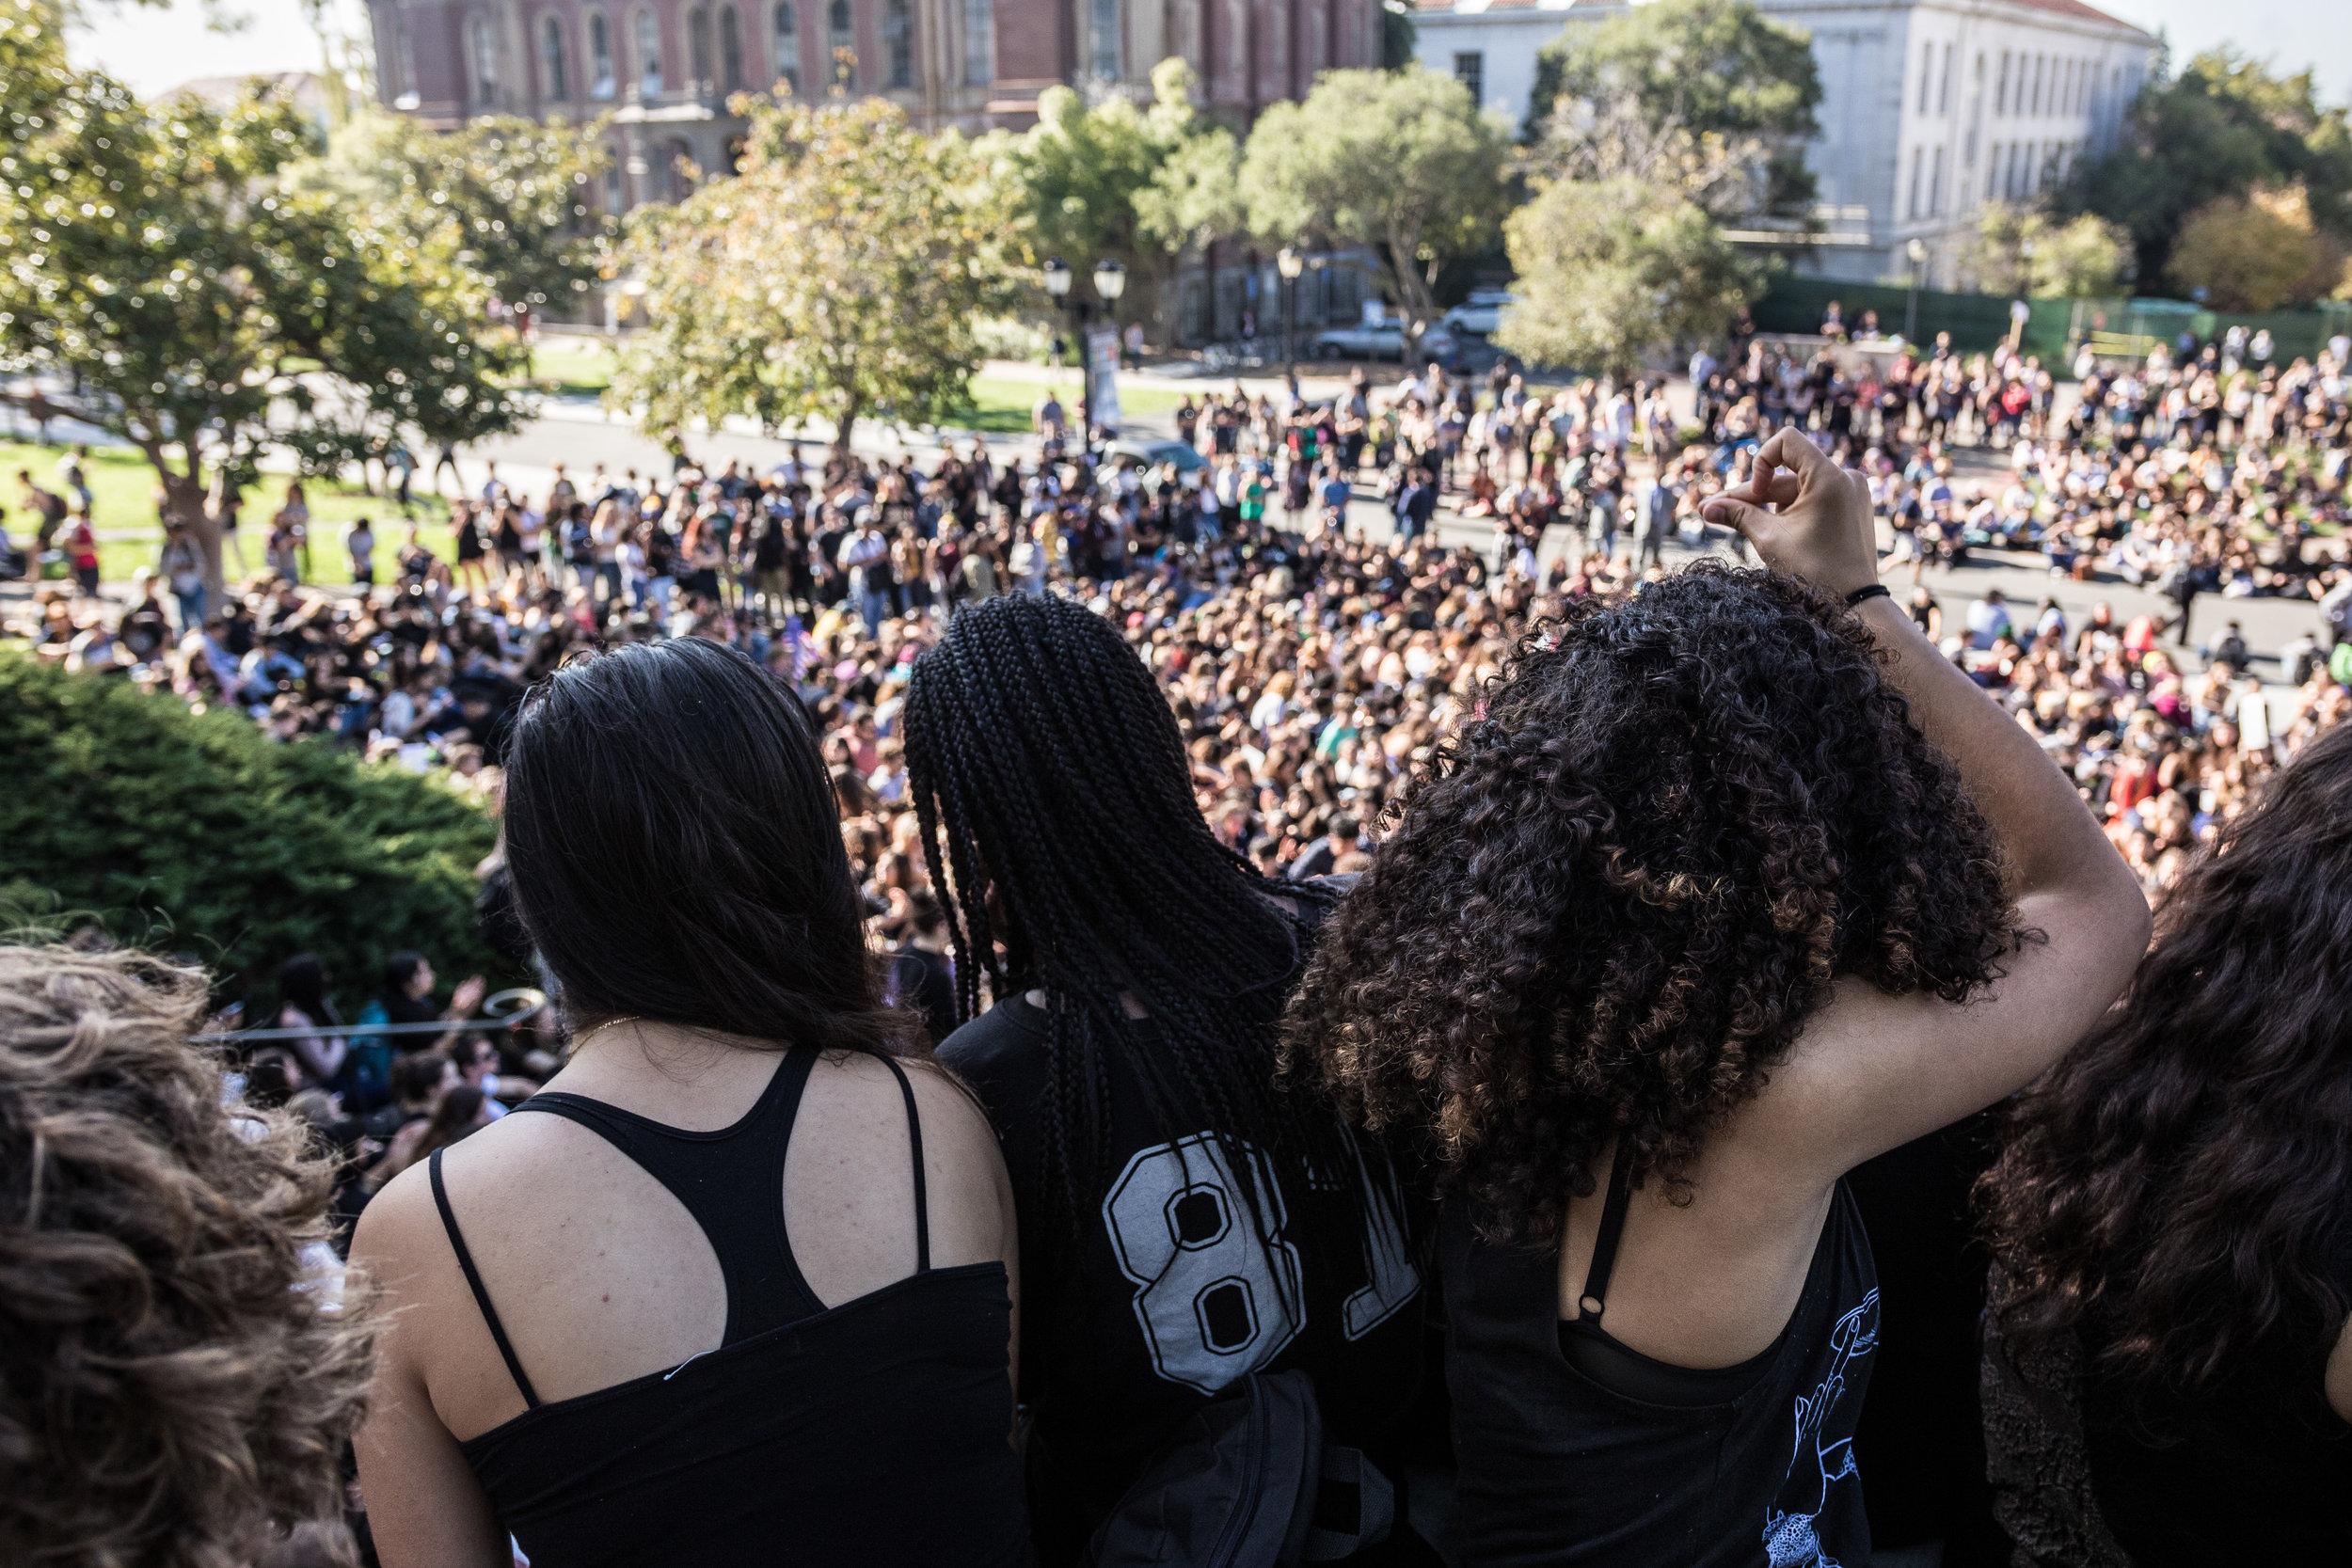 Berkeley-Nov9Rally12-3WomenandCrowd-FullRes.jpg